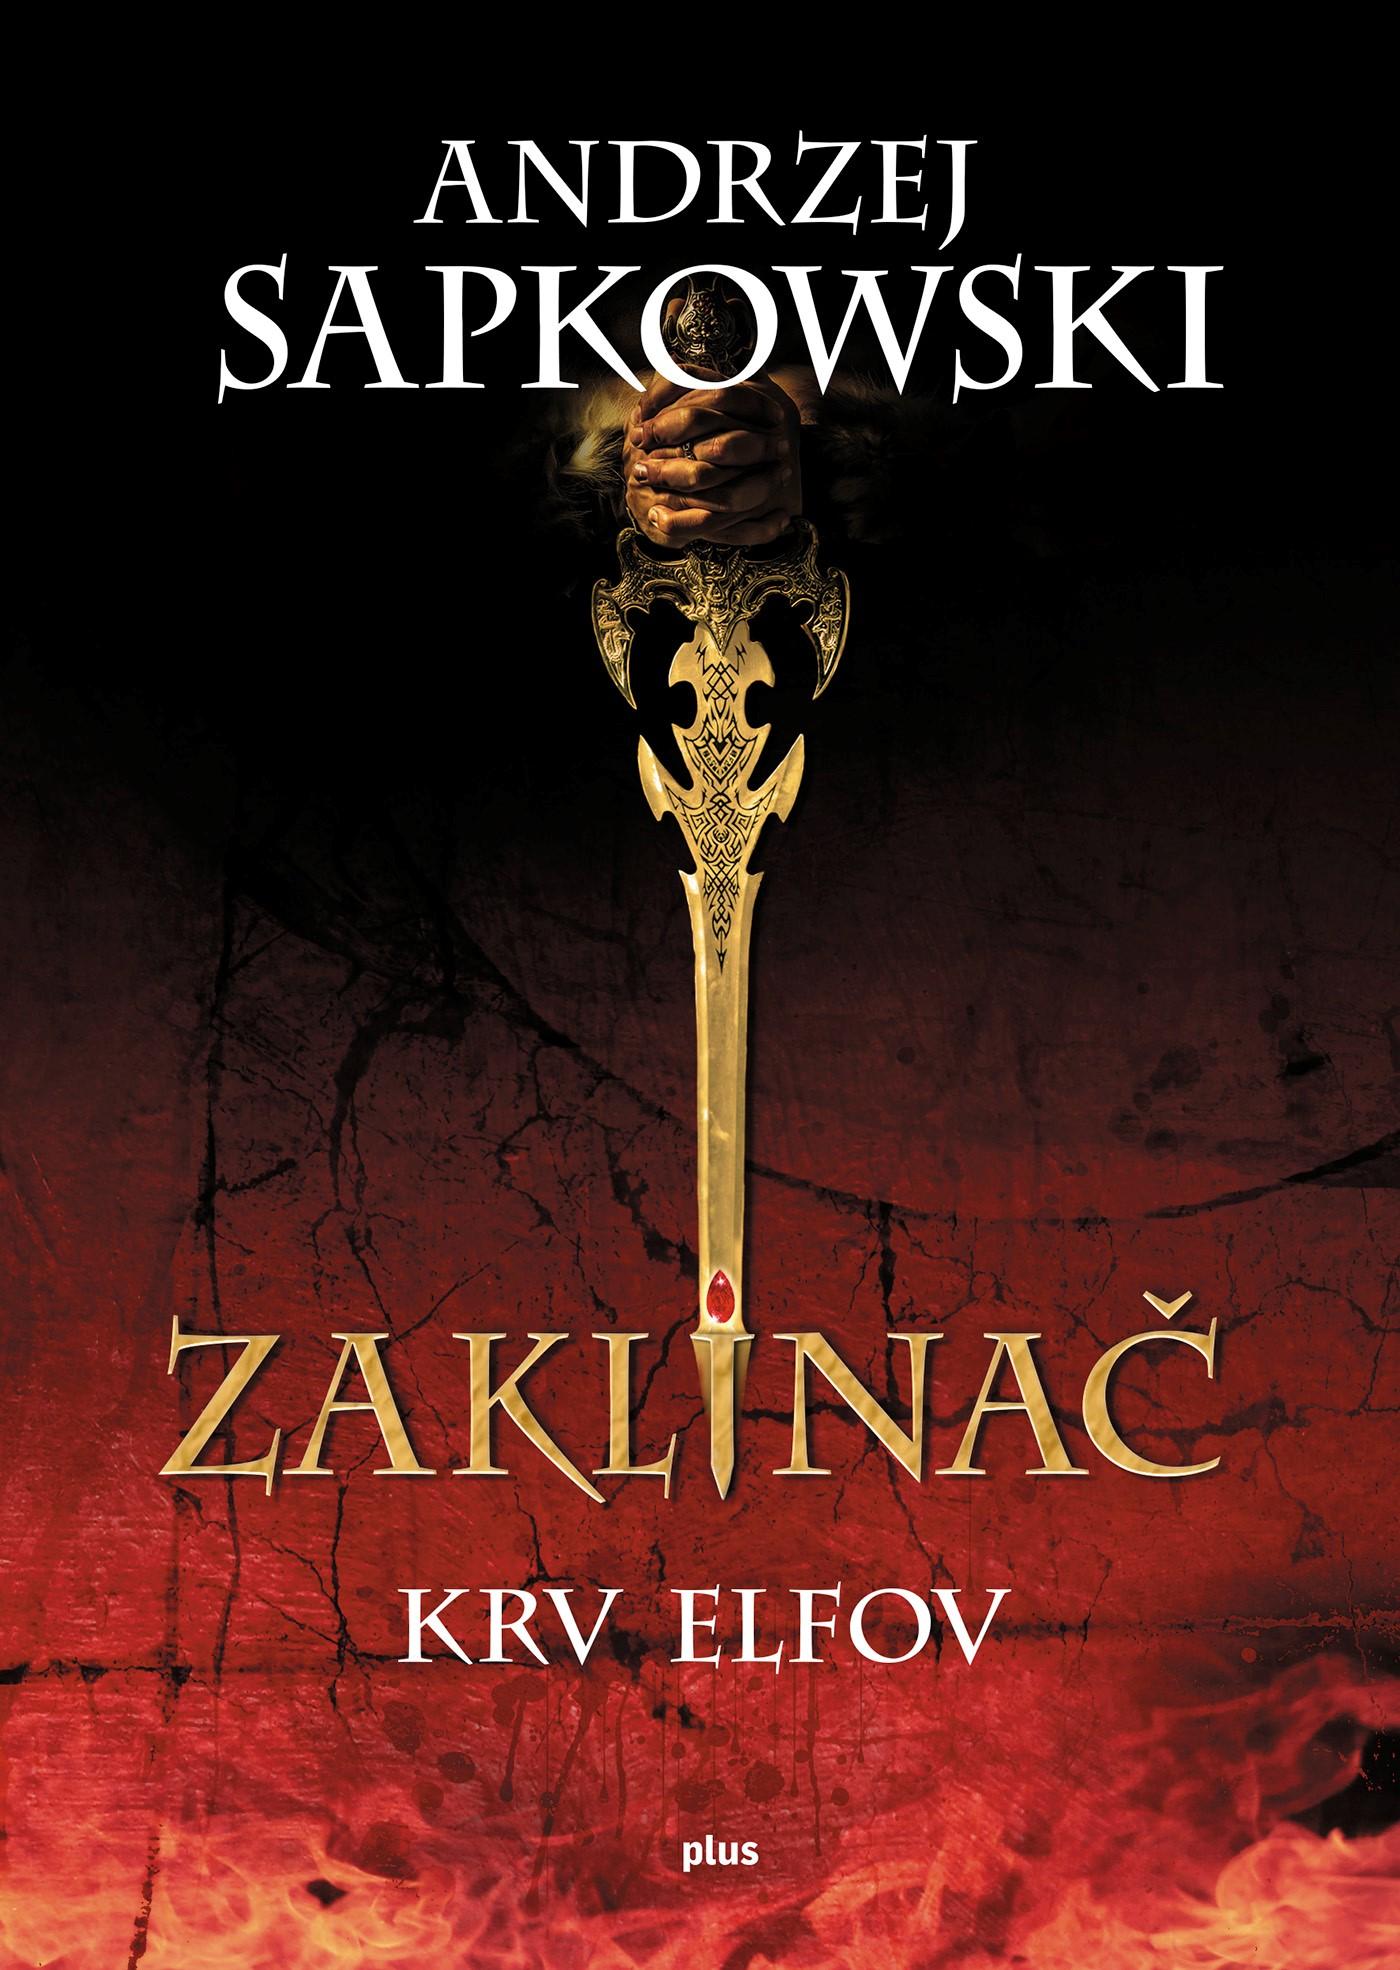 Zaklínač III.: Krv elfov (Andrzej Sapkowski)